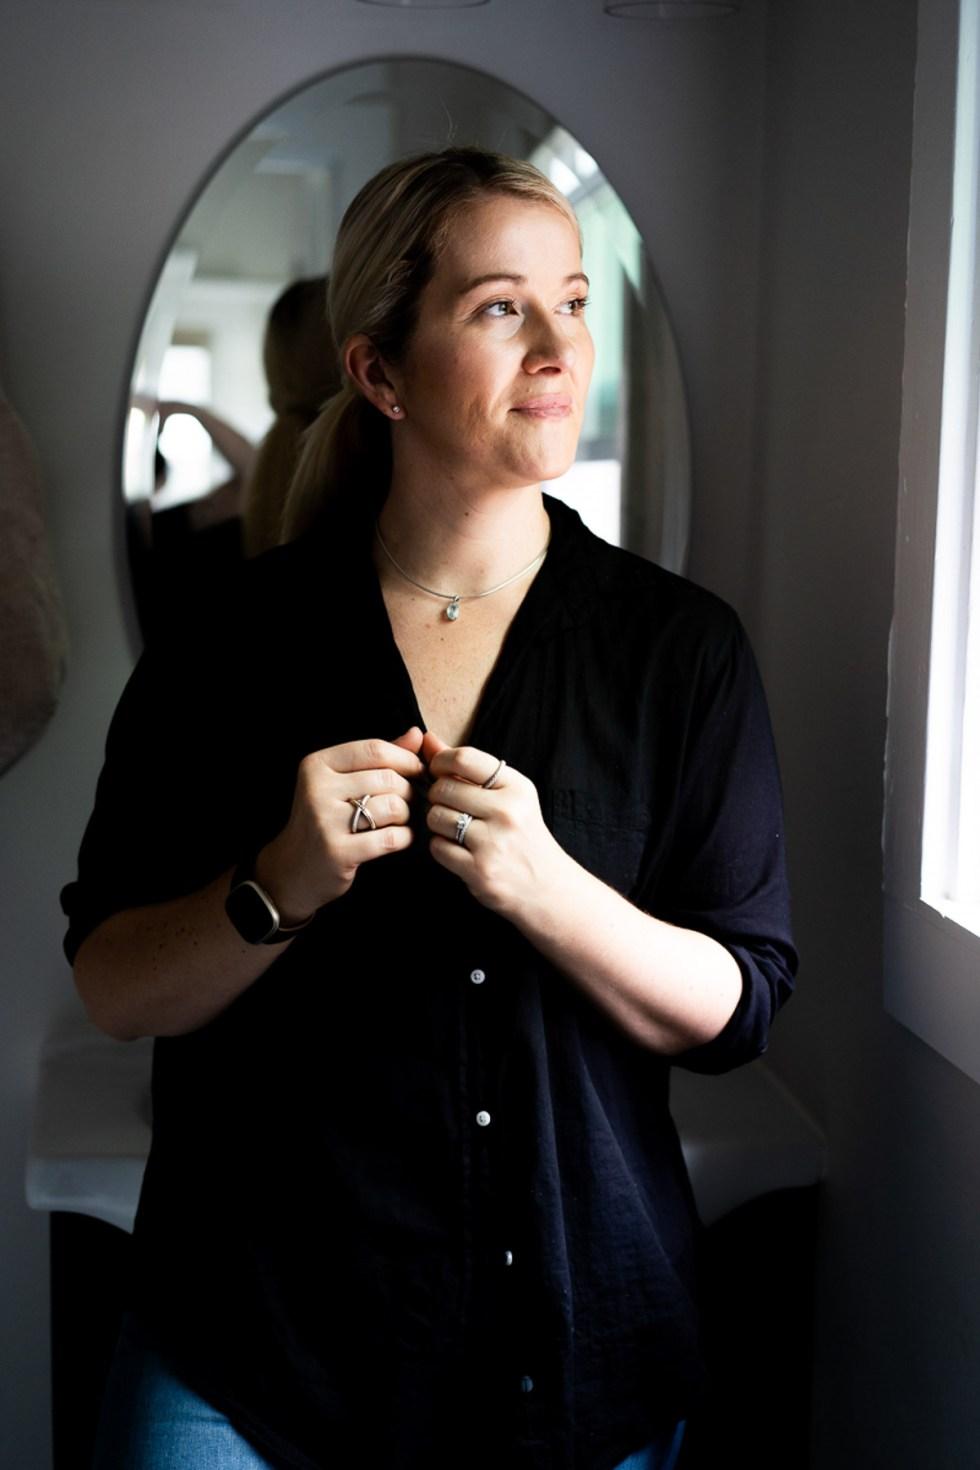 Black Button Down Shirt Woman